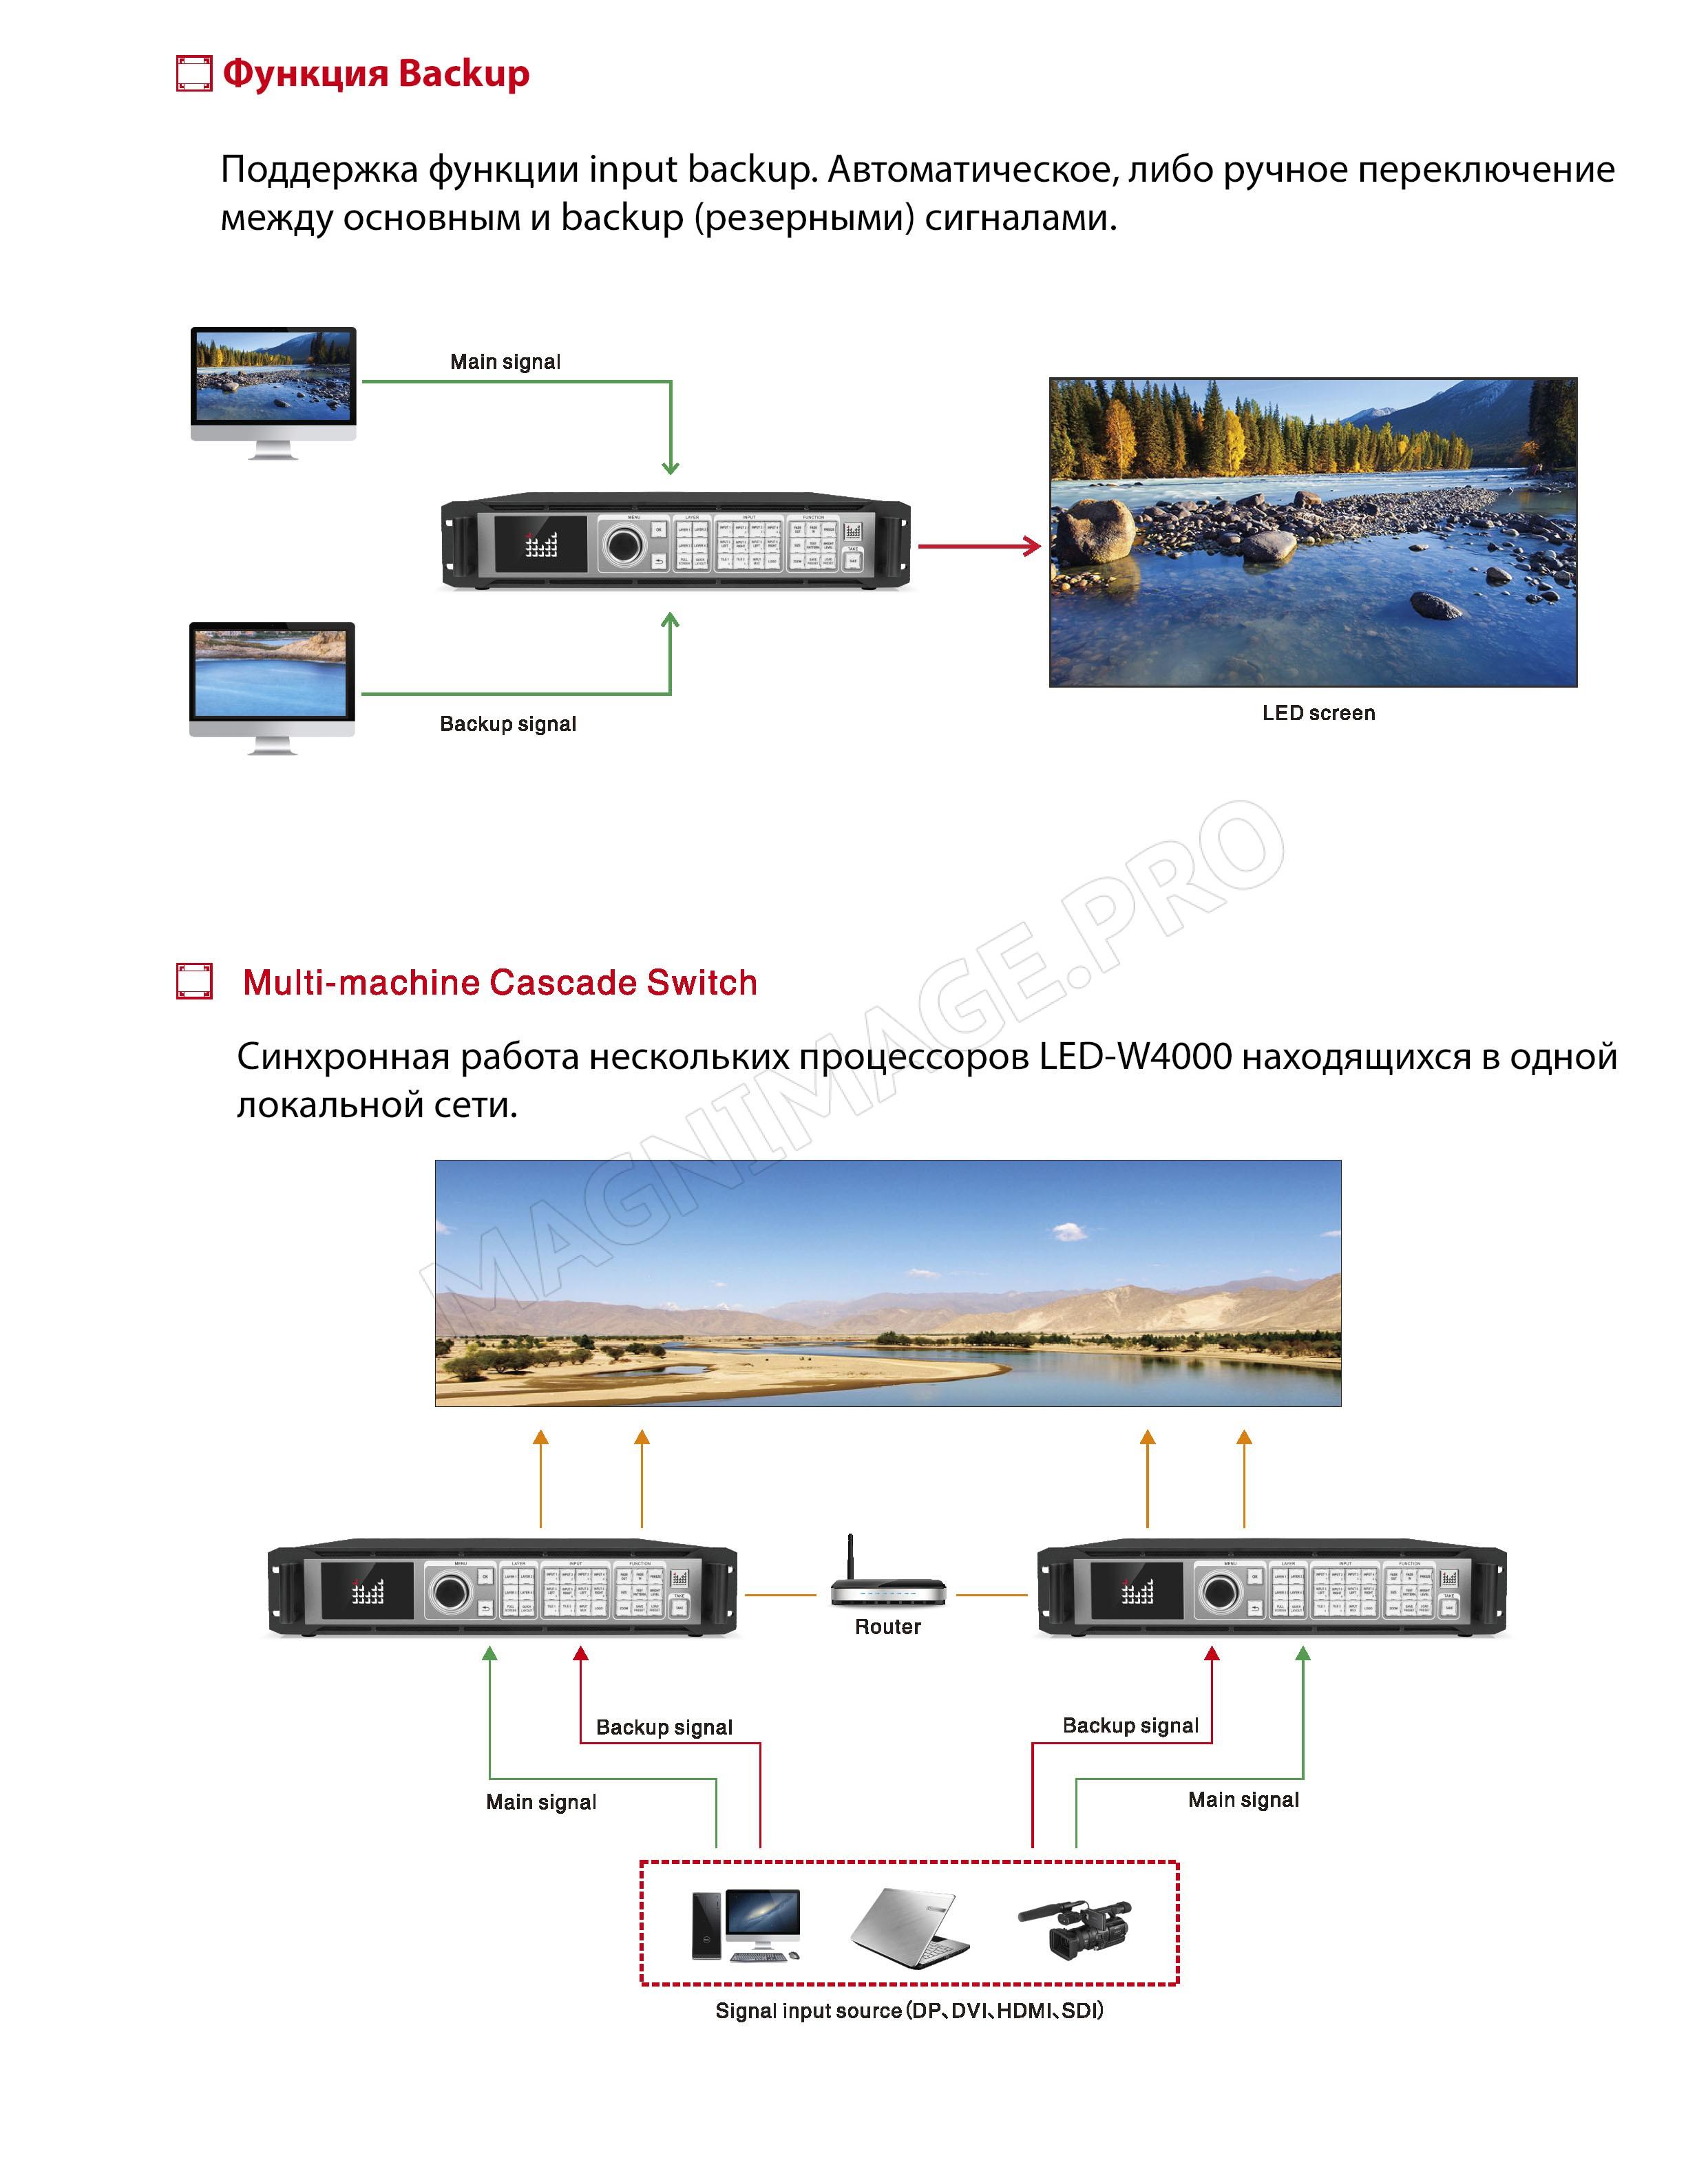 Видеопроцессор для LED светодиодного экрана Magnimage LED-W4000 Основные характеристики 2